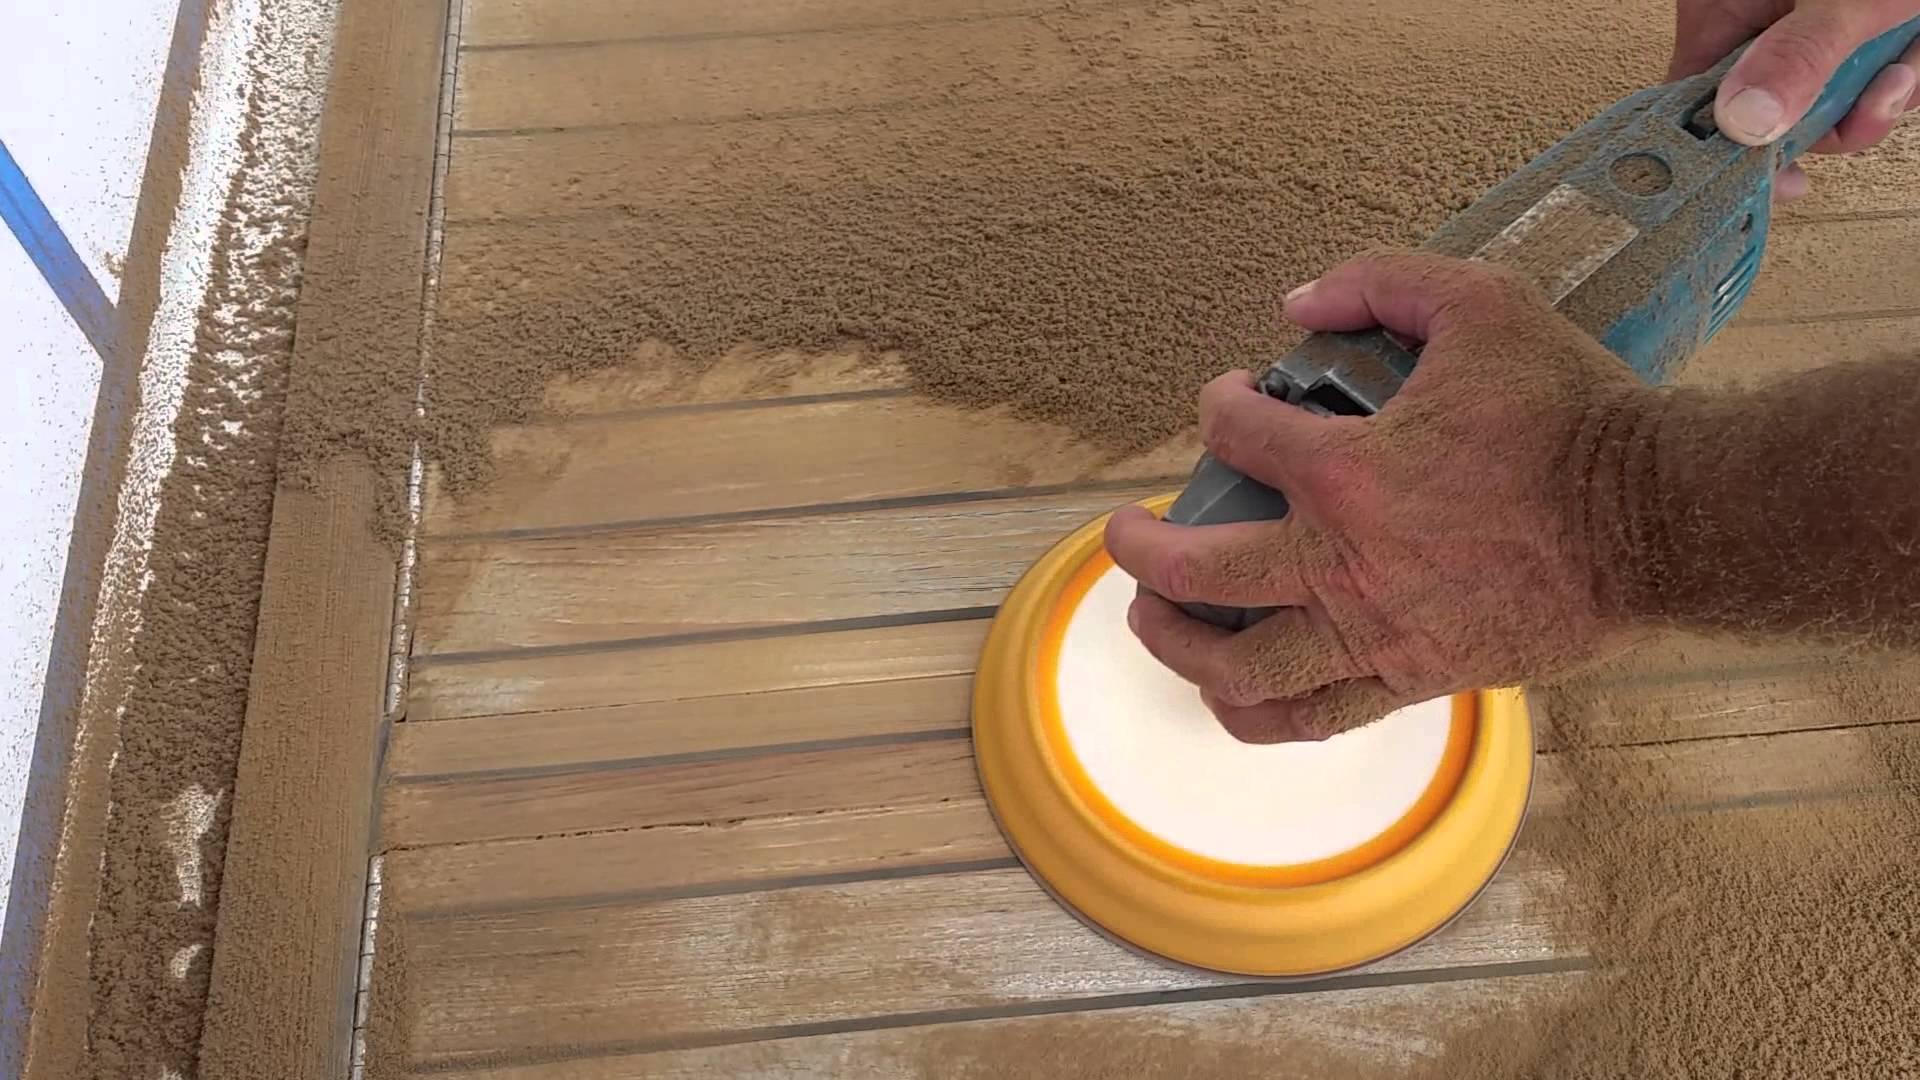 Wood Deck Sander Decks Ideas for sizing 1920 X 1080